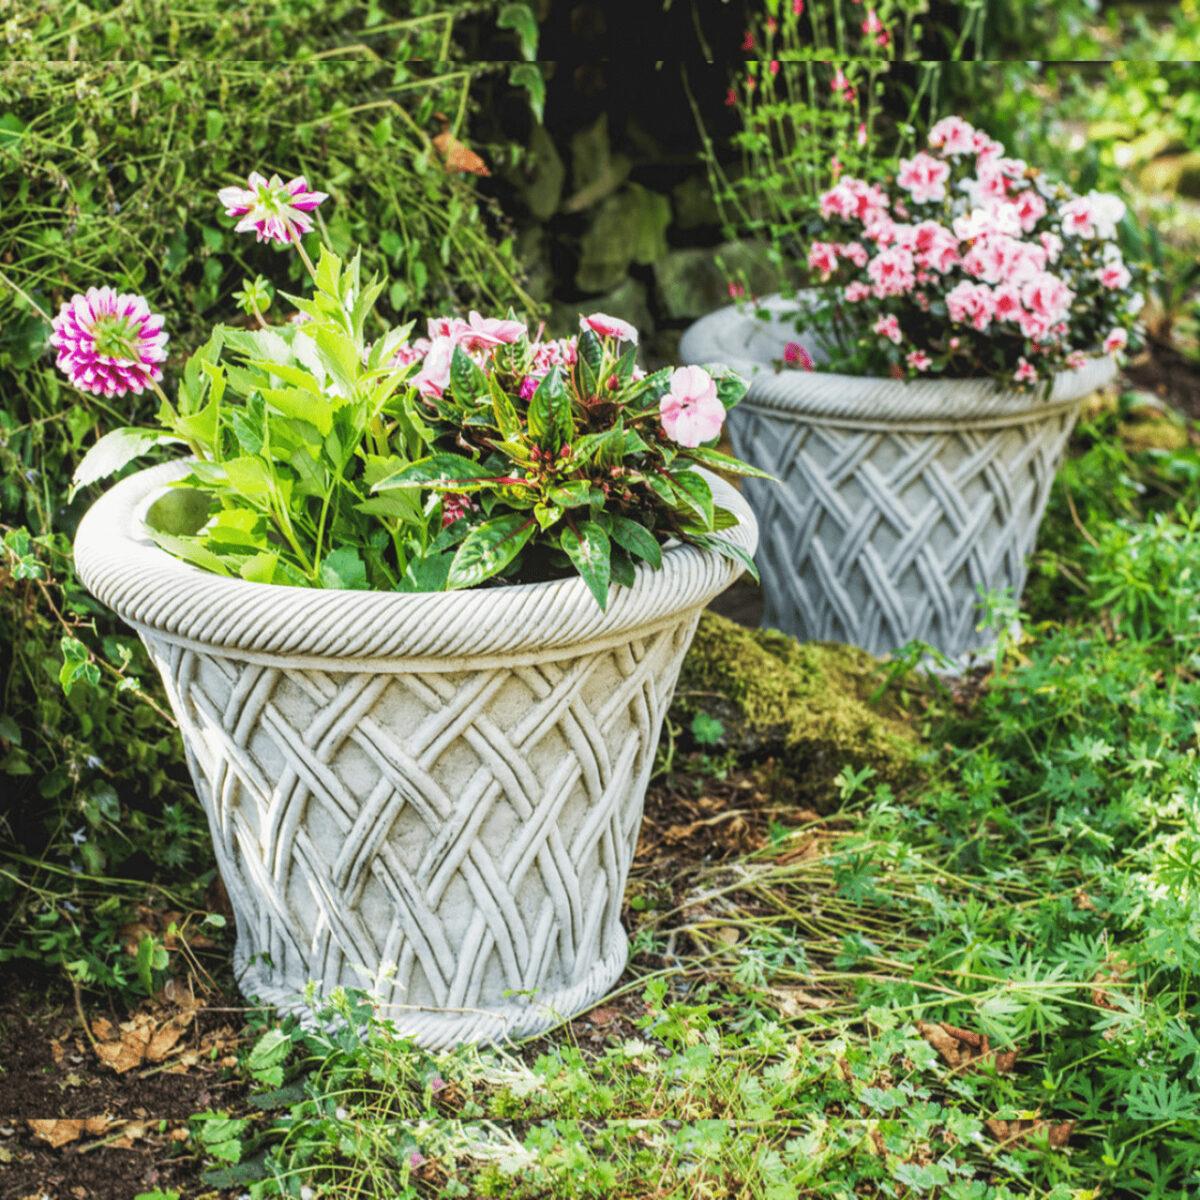 10-oggetti-che-non-possono-mancare-in-giardino-idee-e-foto-12-min